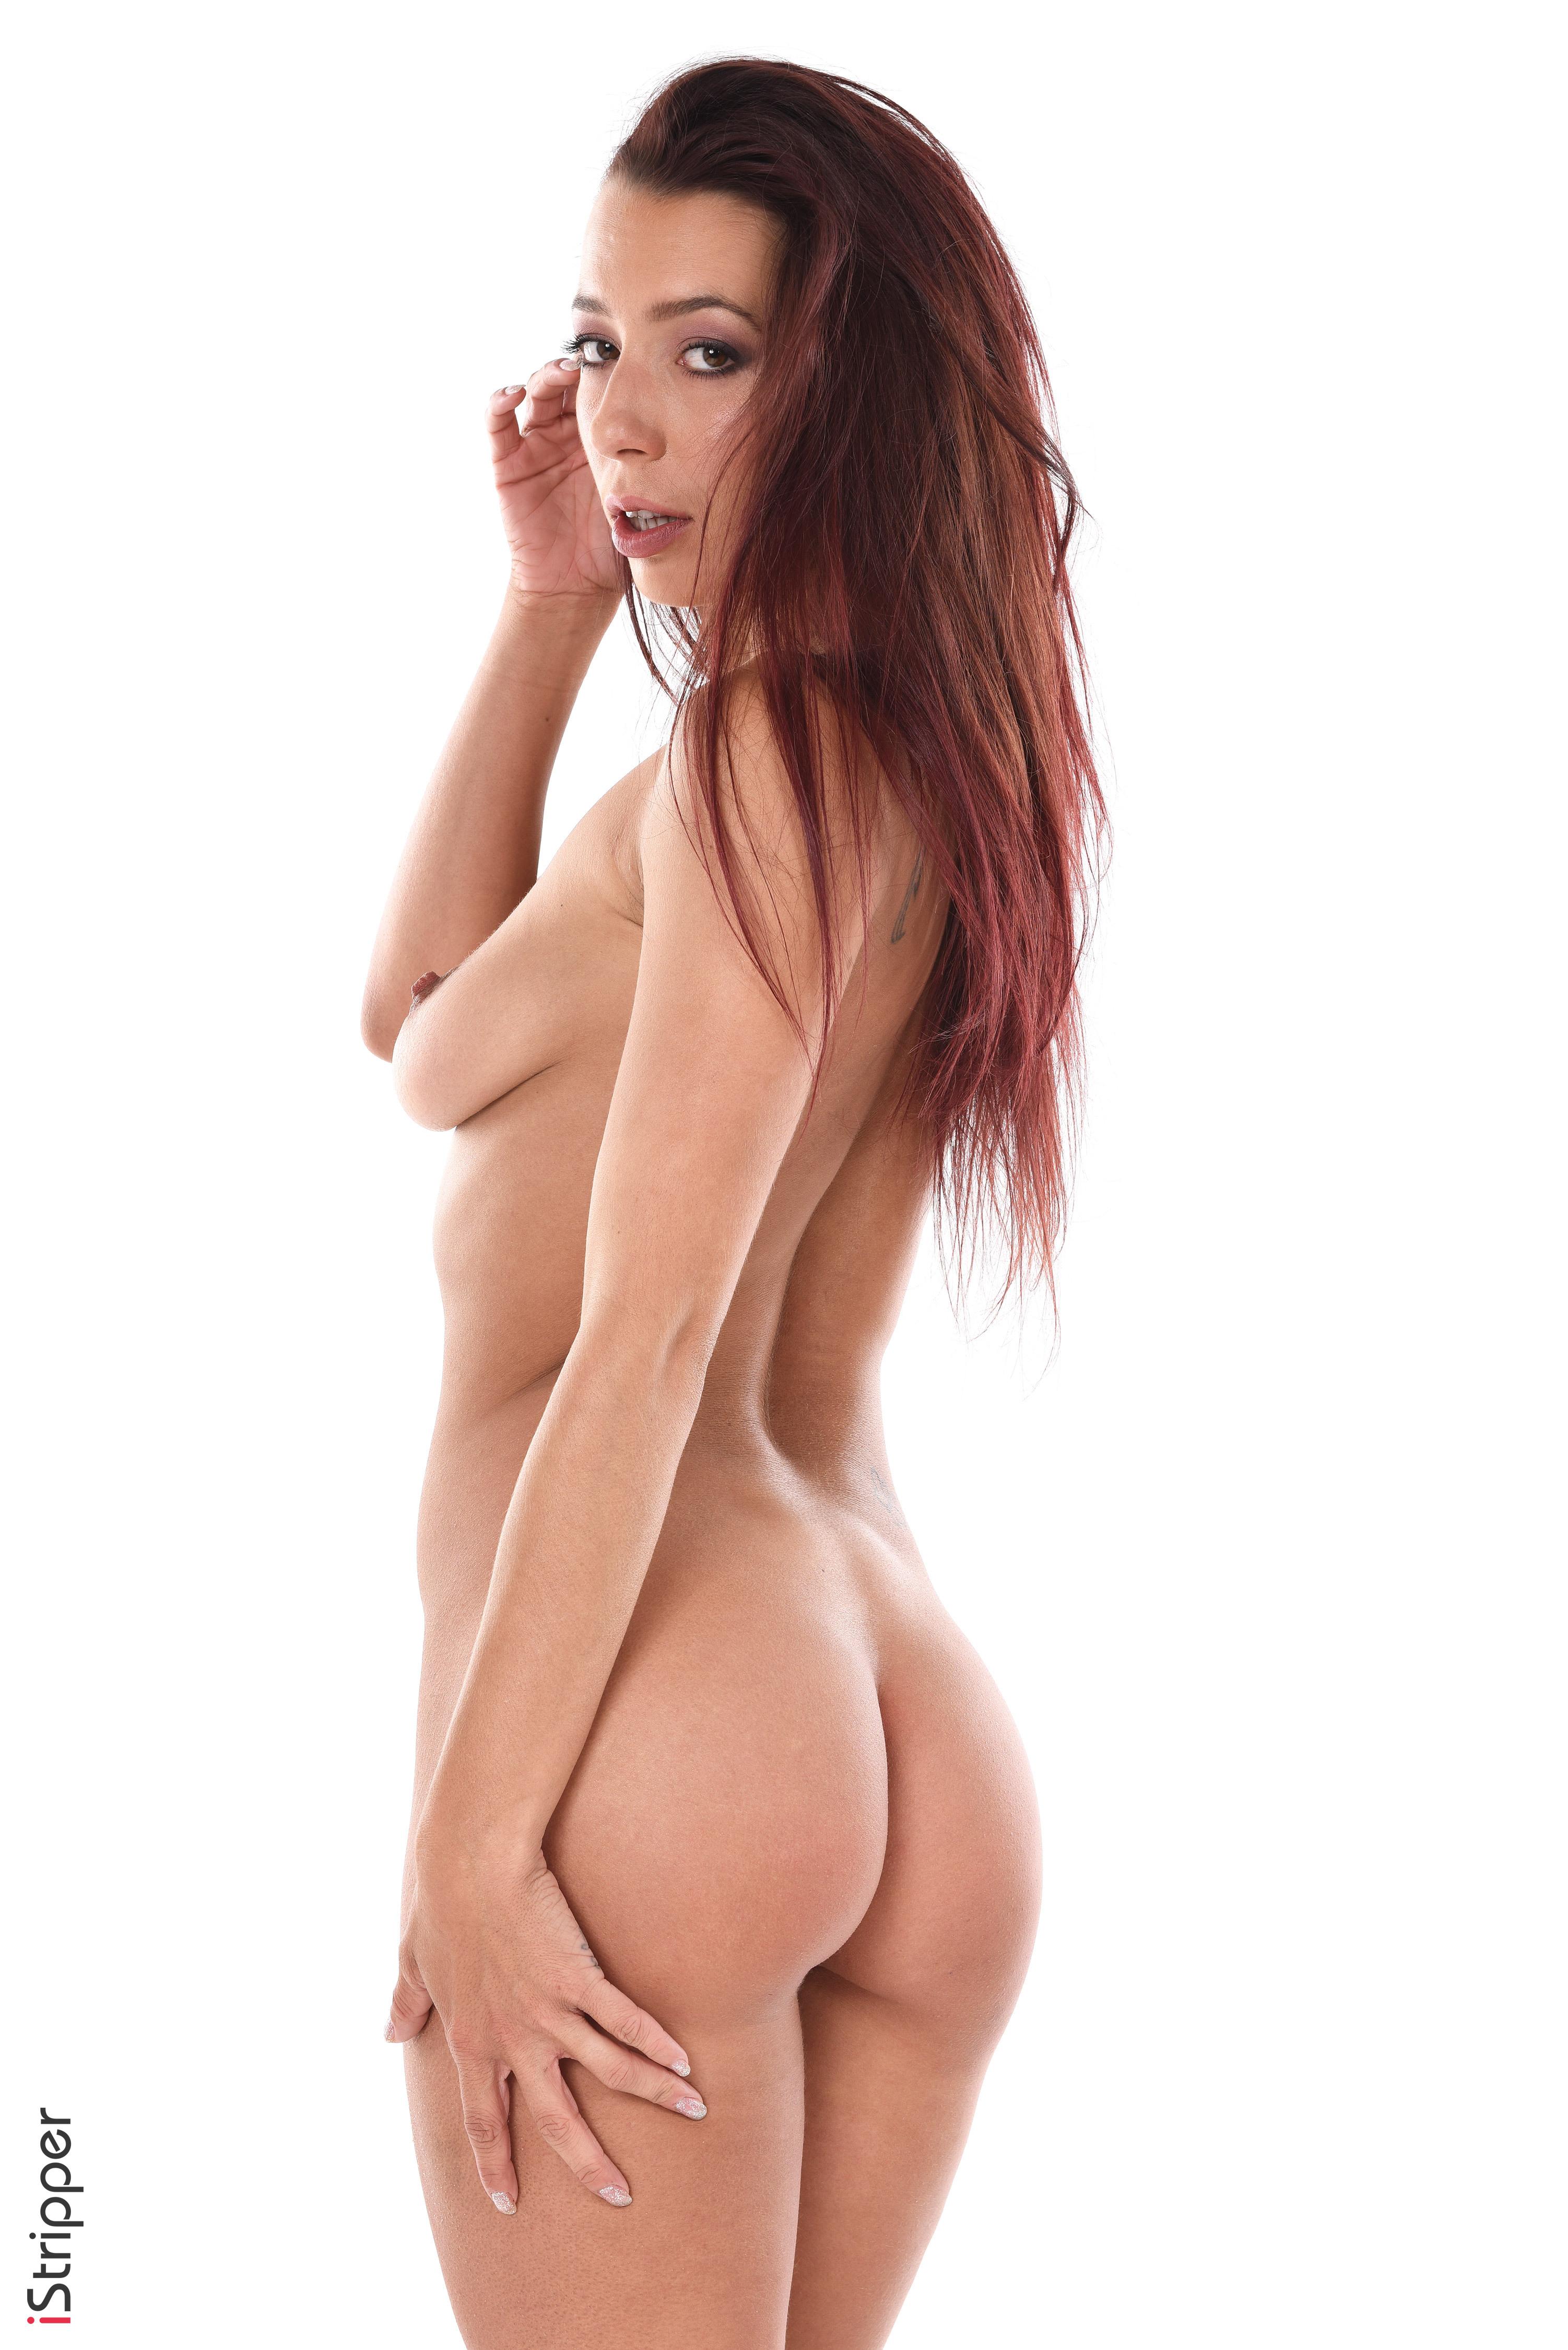 sexy 1080p wallpaper